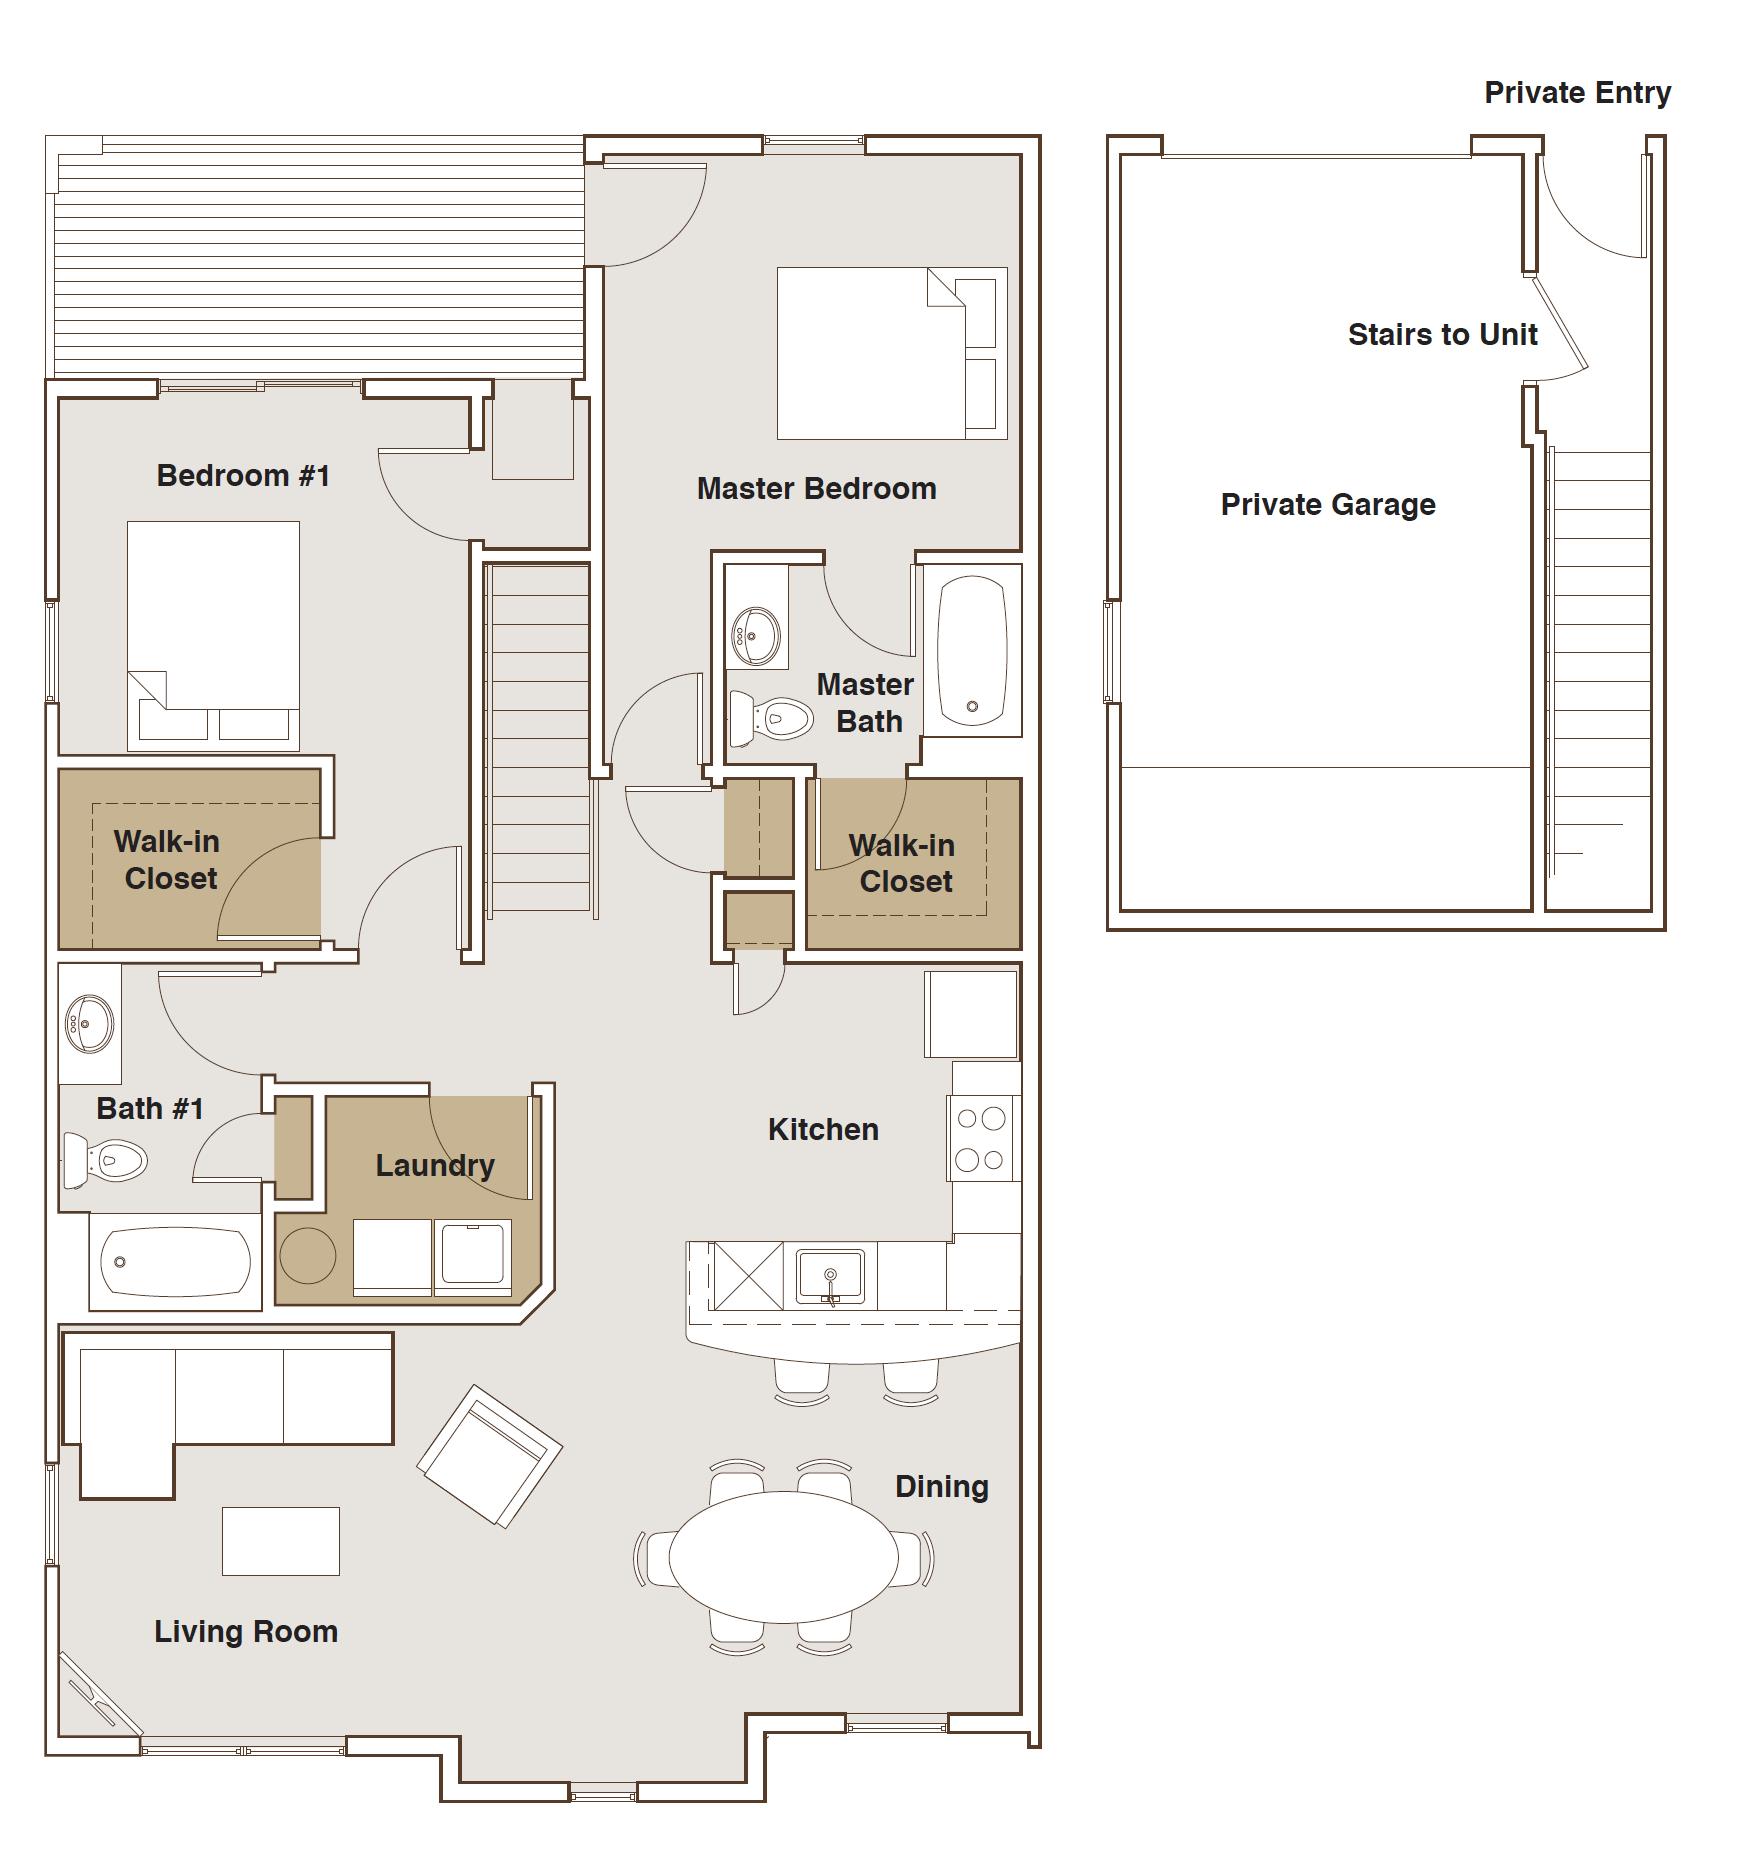 2 BEDROOM WITH GARAGE